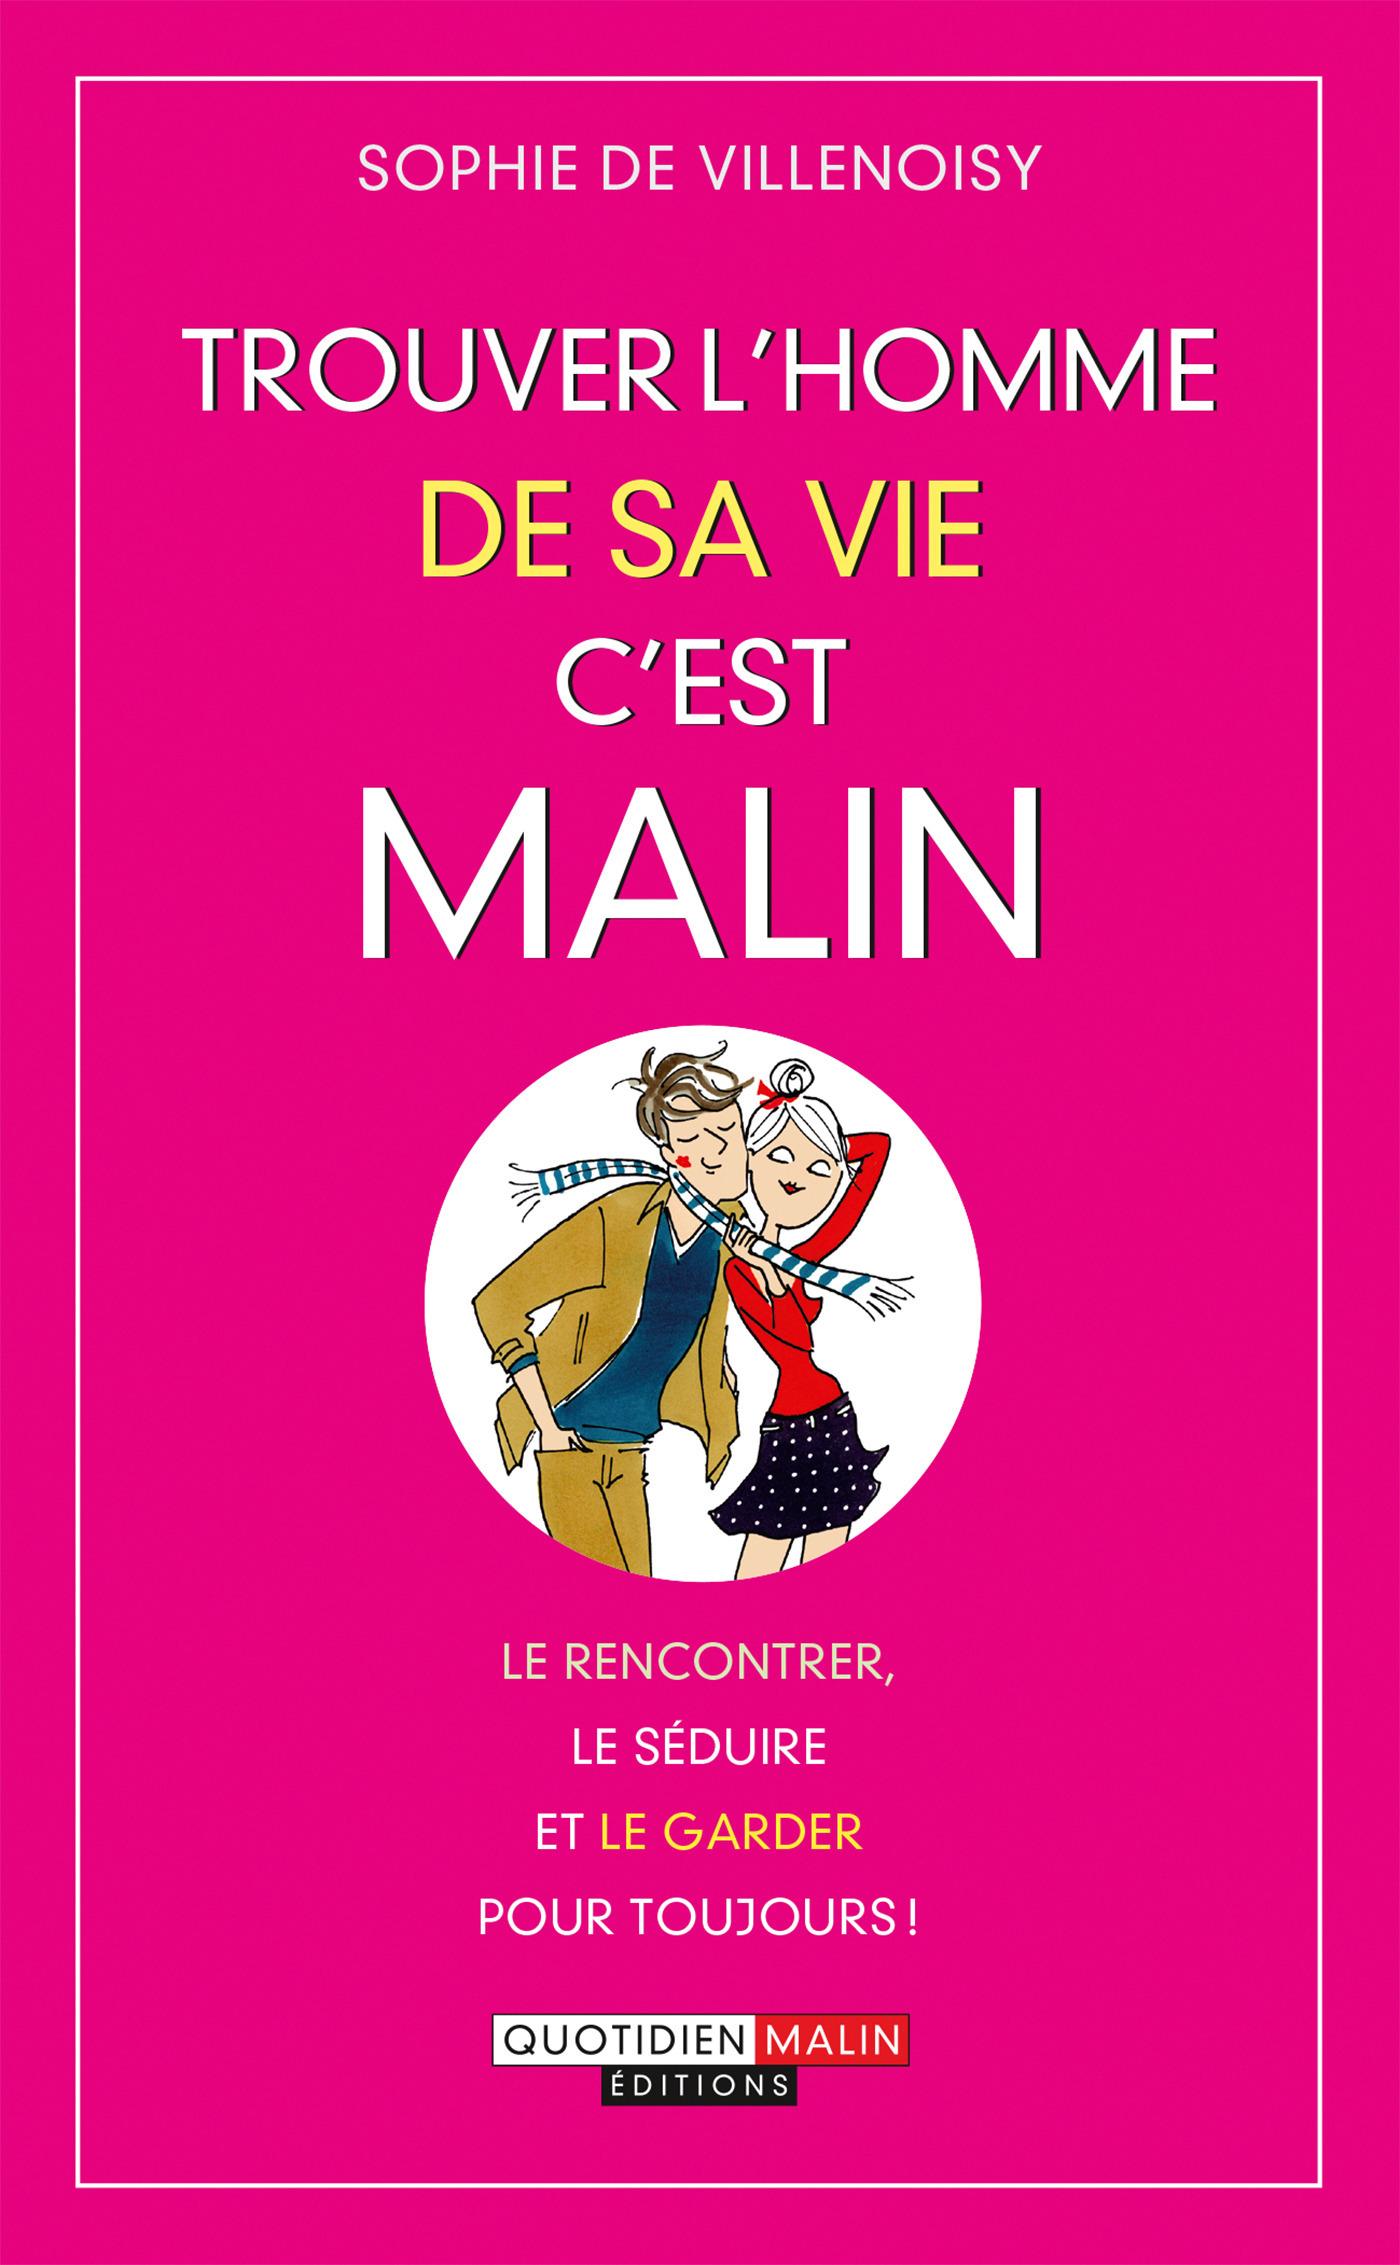 Sophie de Villenoisy Trouver l'homme de sa vie, c'est malin